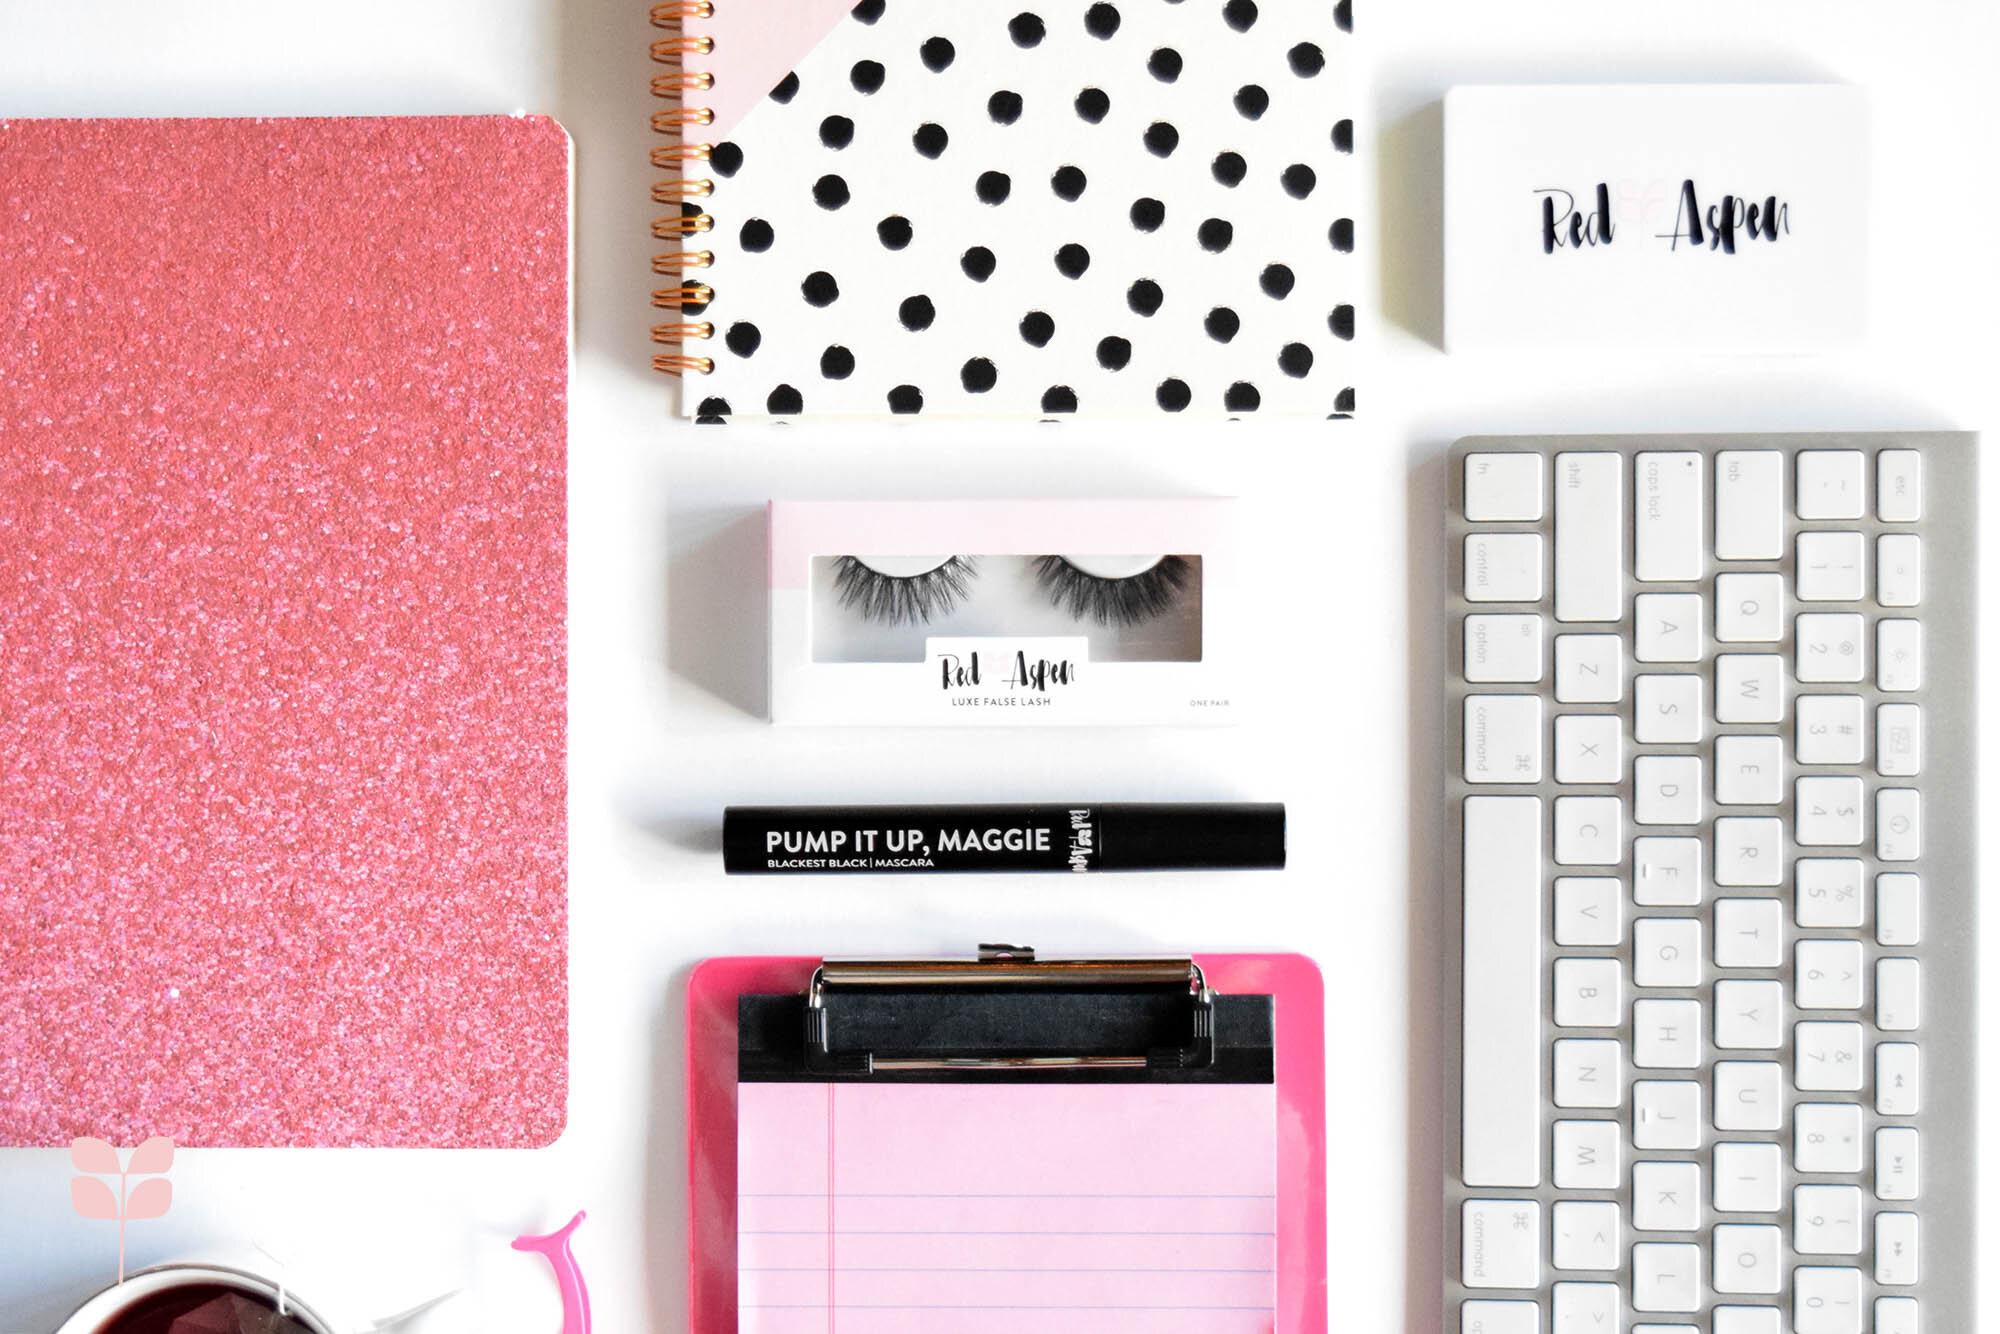 Watermark - Pump it Up, Maggie Product Desk (21).jpg